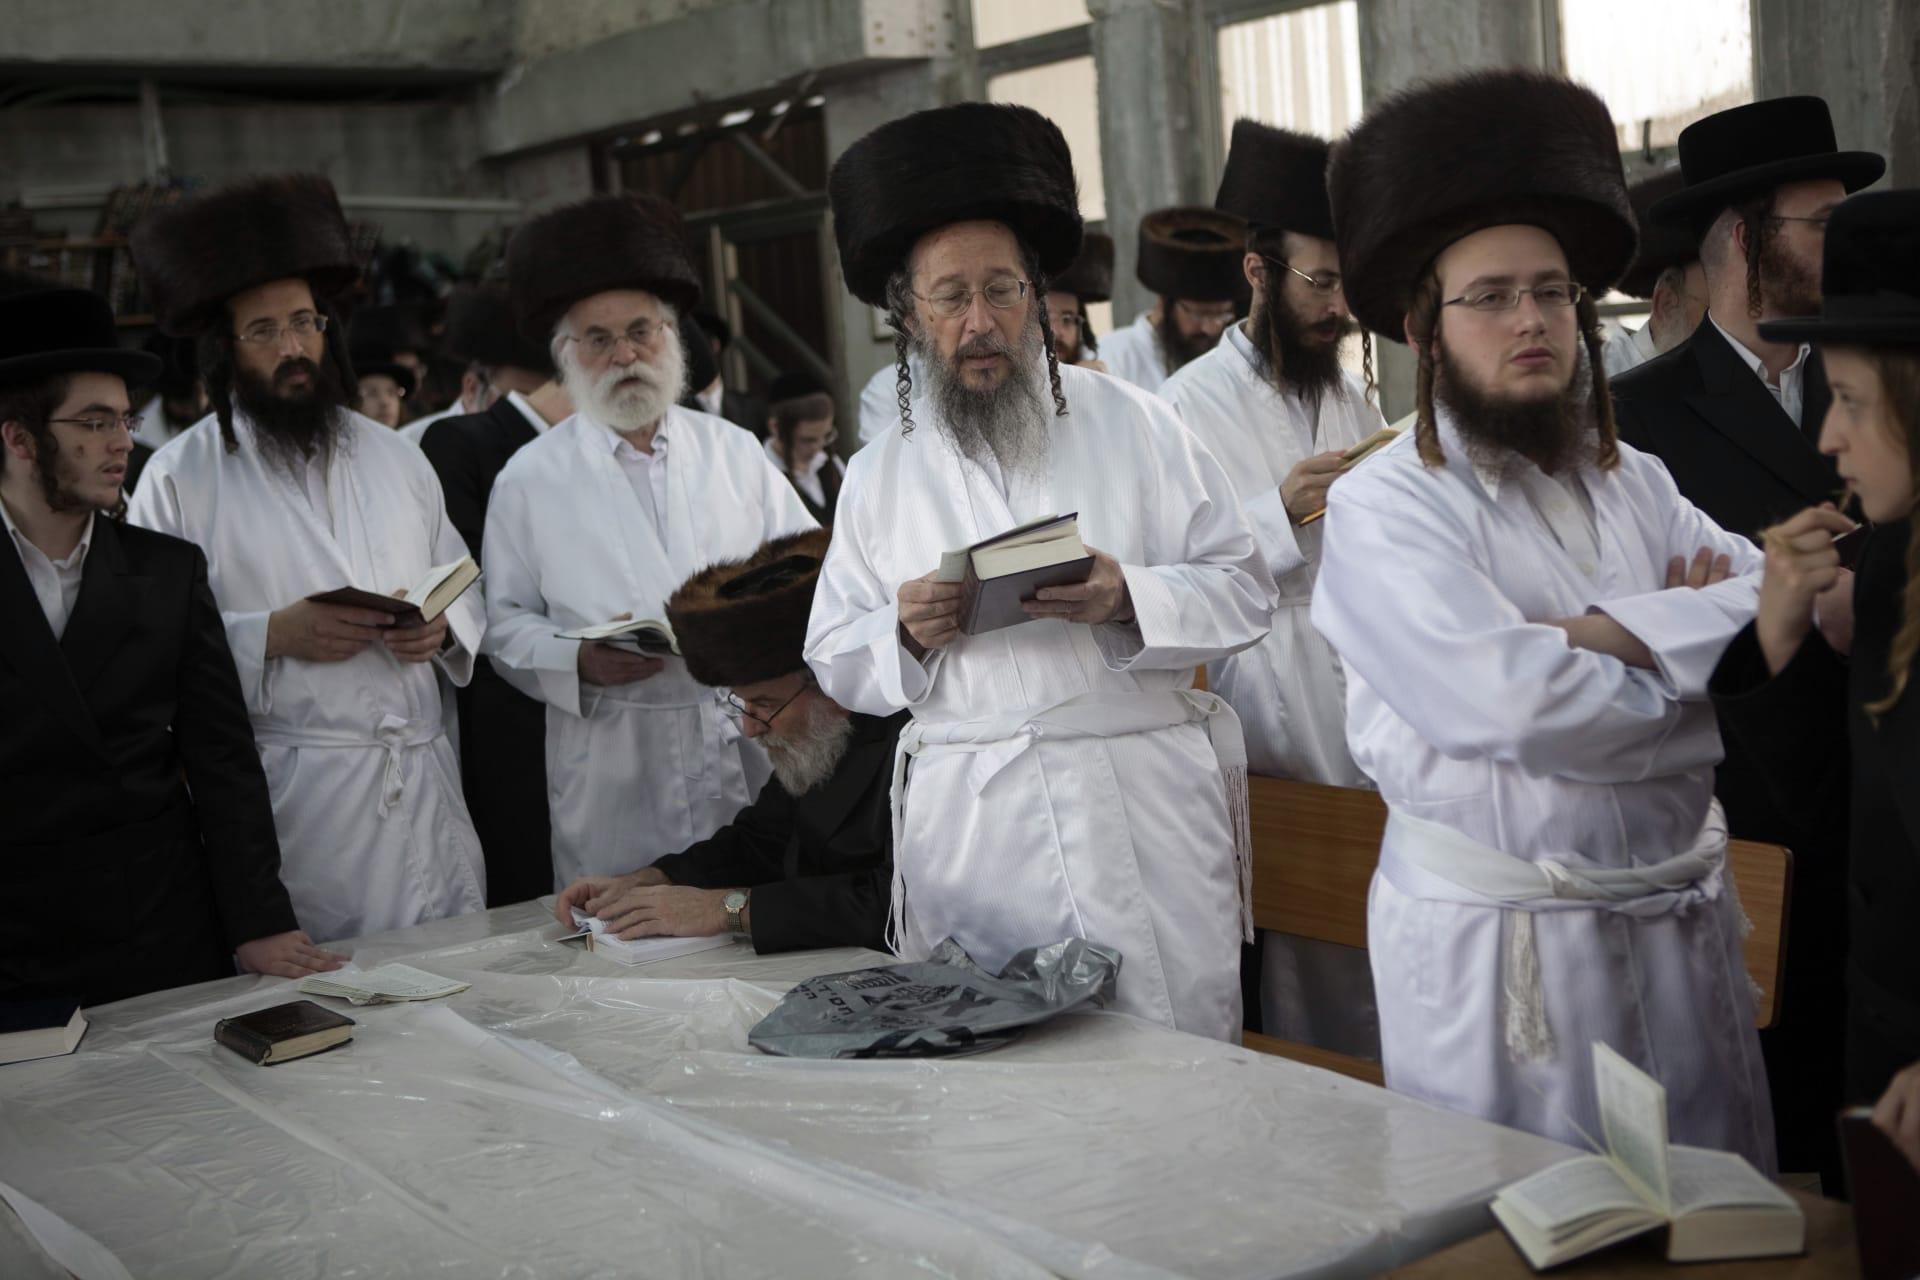 """لأول مرة منذ 70 عاماً.. الأمم المتحدة تعترف رسميا بالعطلة اليهودية """"يوم الغفران"""""""